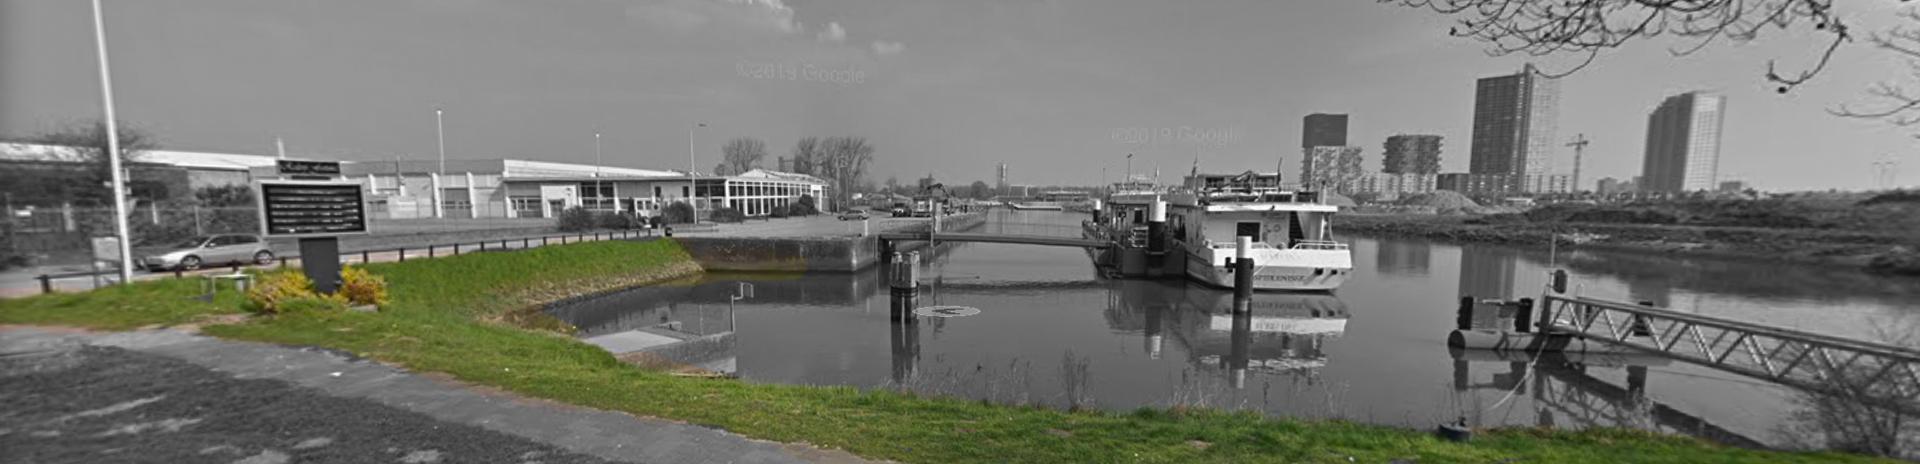 Letselschade advocaat Spijkenisse | LetselPro